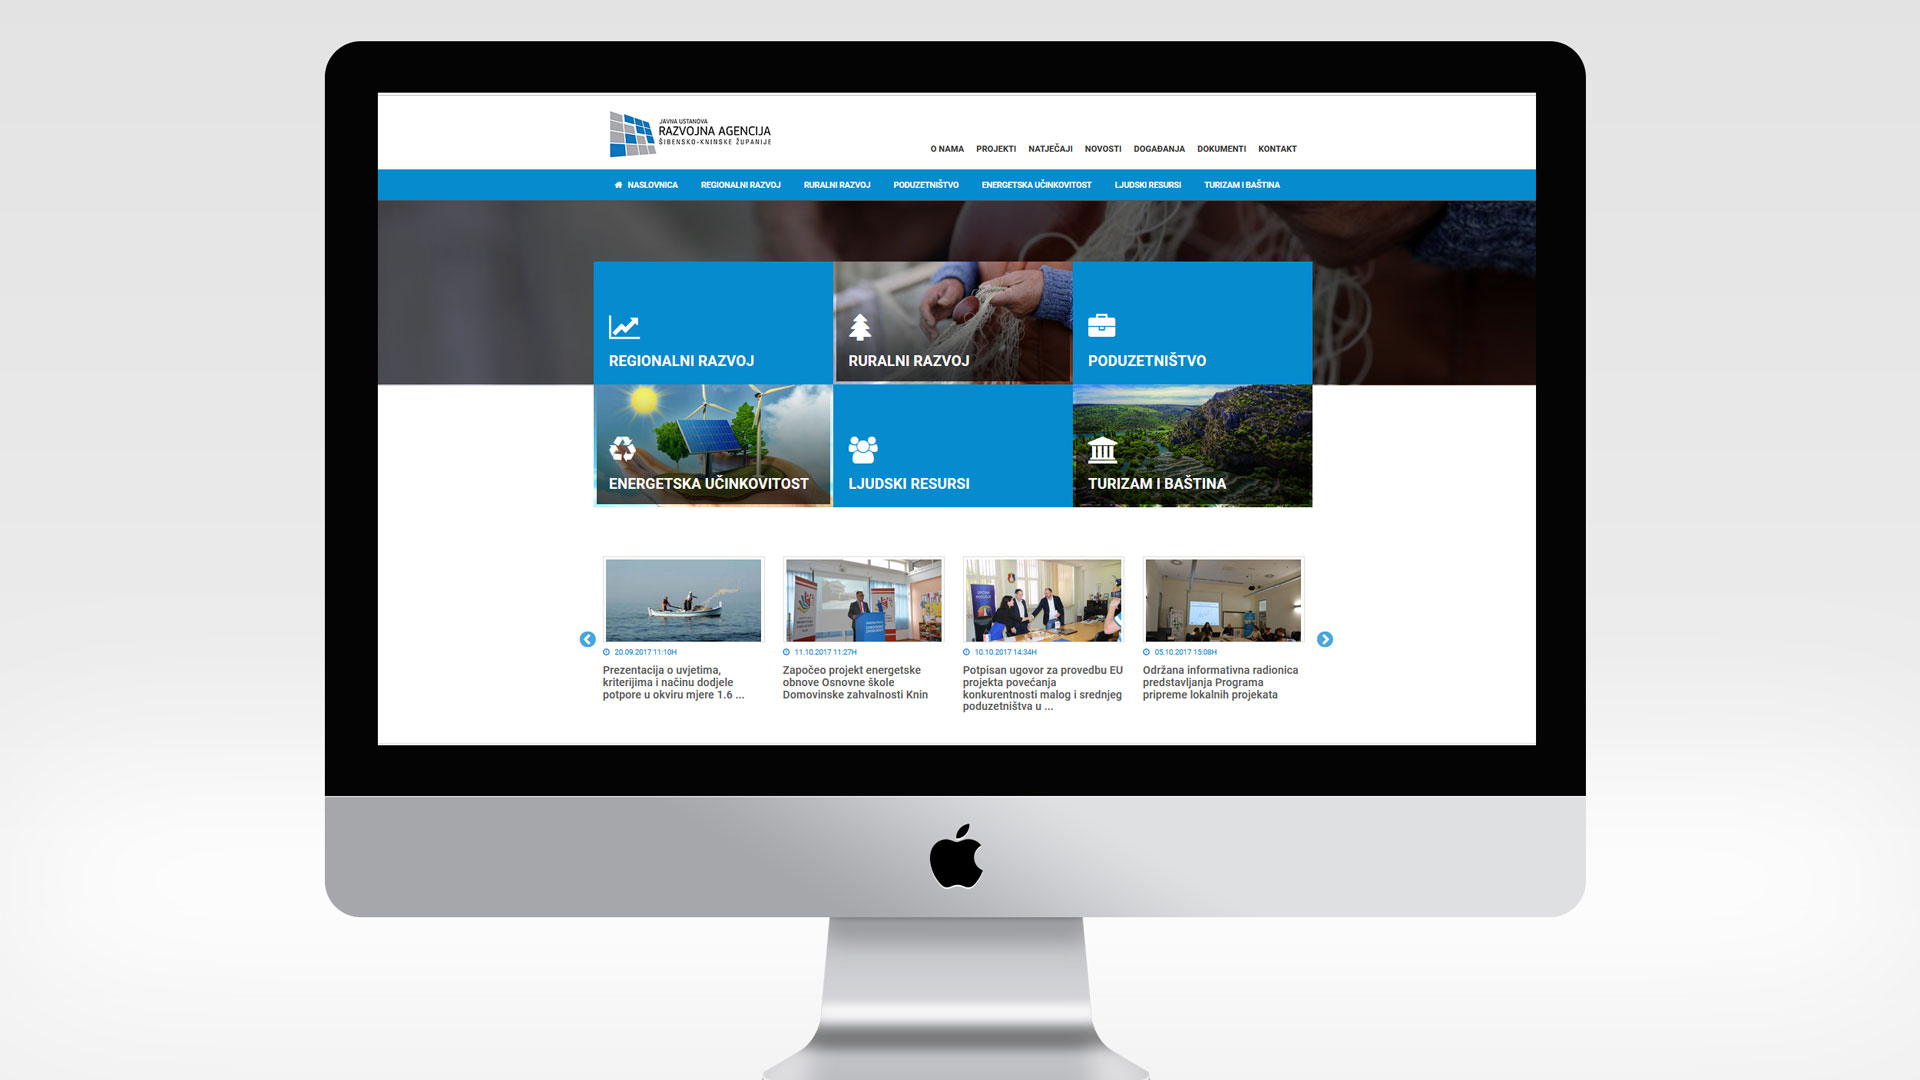 Internetske stranice razvojne agencije